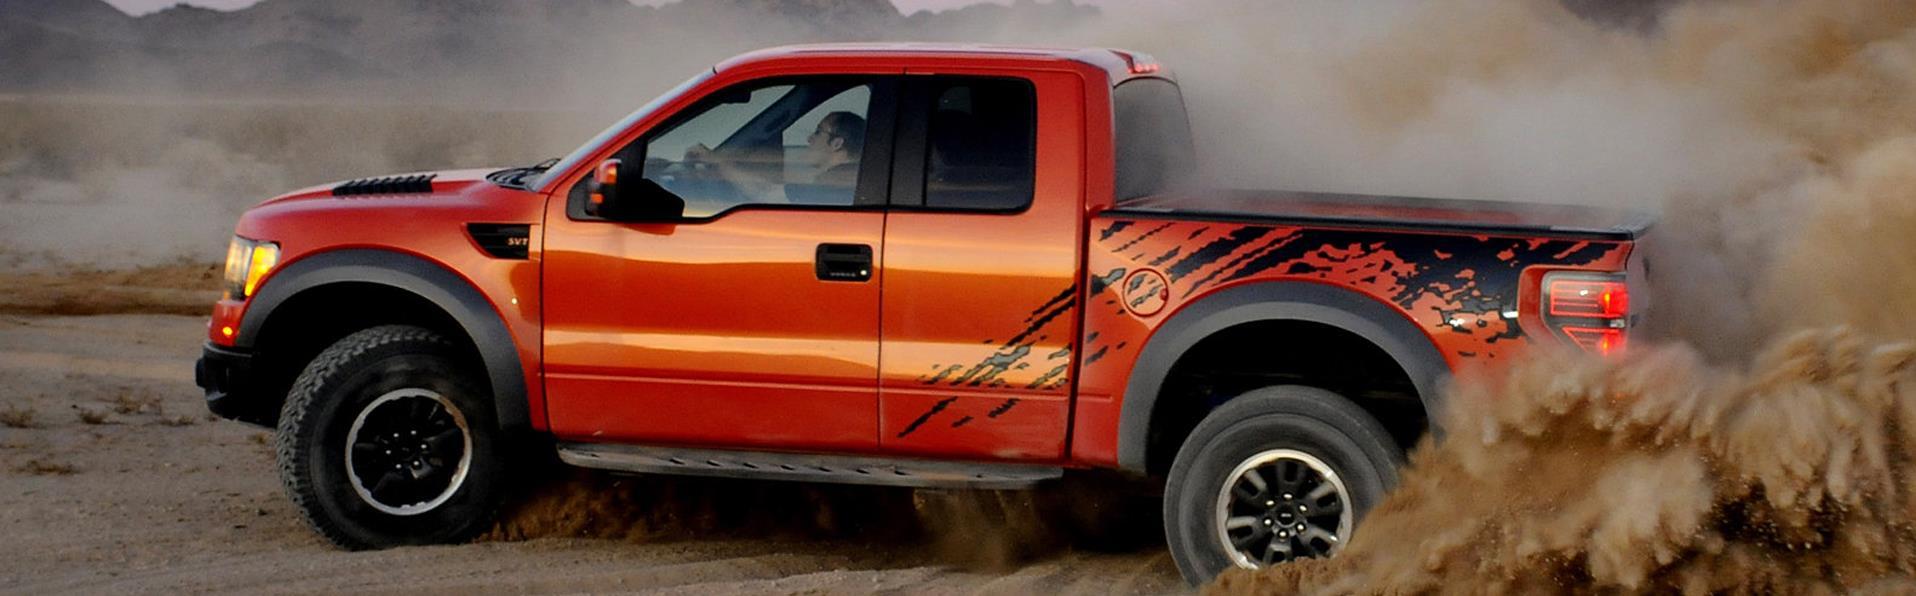 Houston Used Auto Sales >> Used Cars Houston Tx Used Cars Trucks Tx Gil Auto